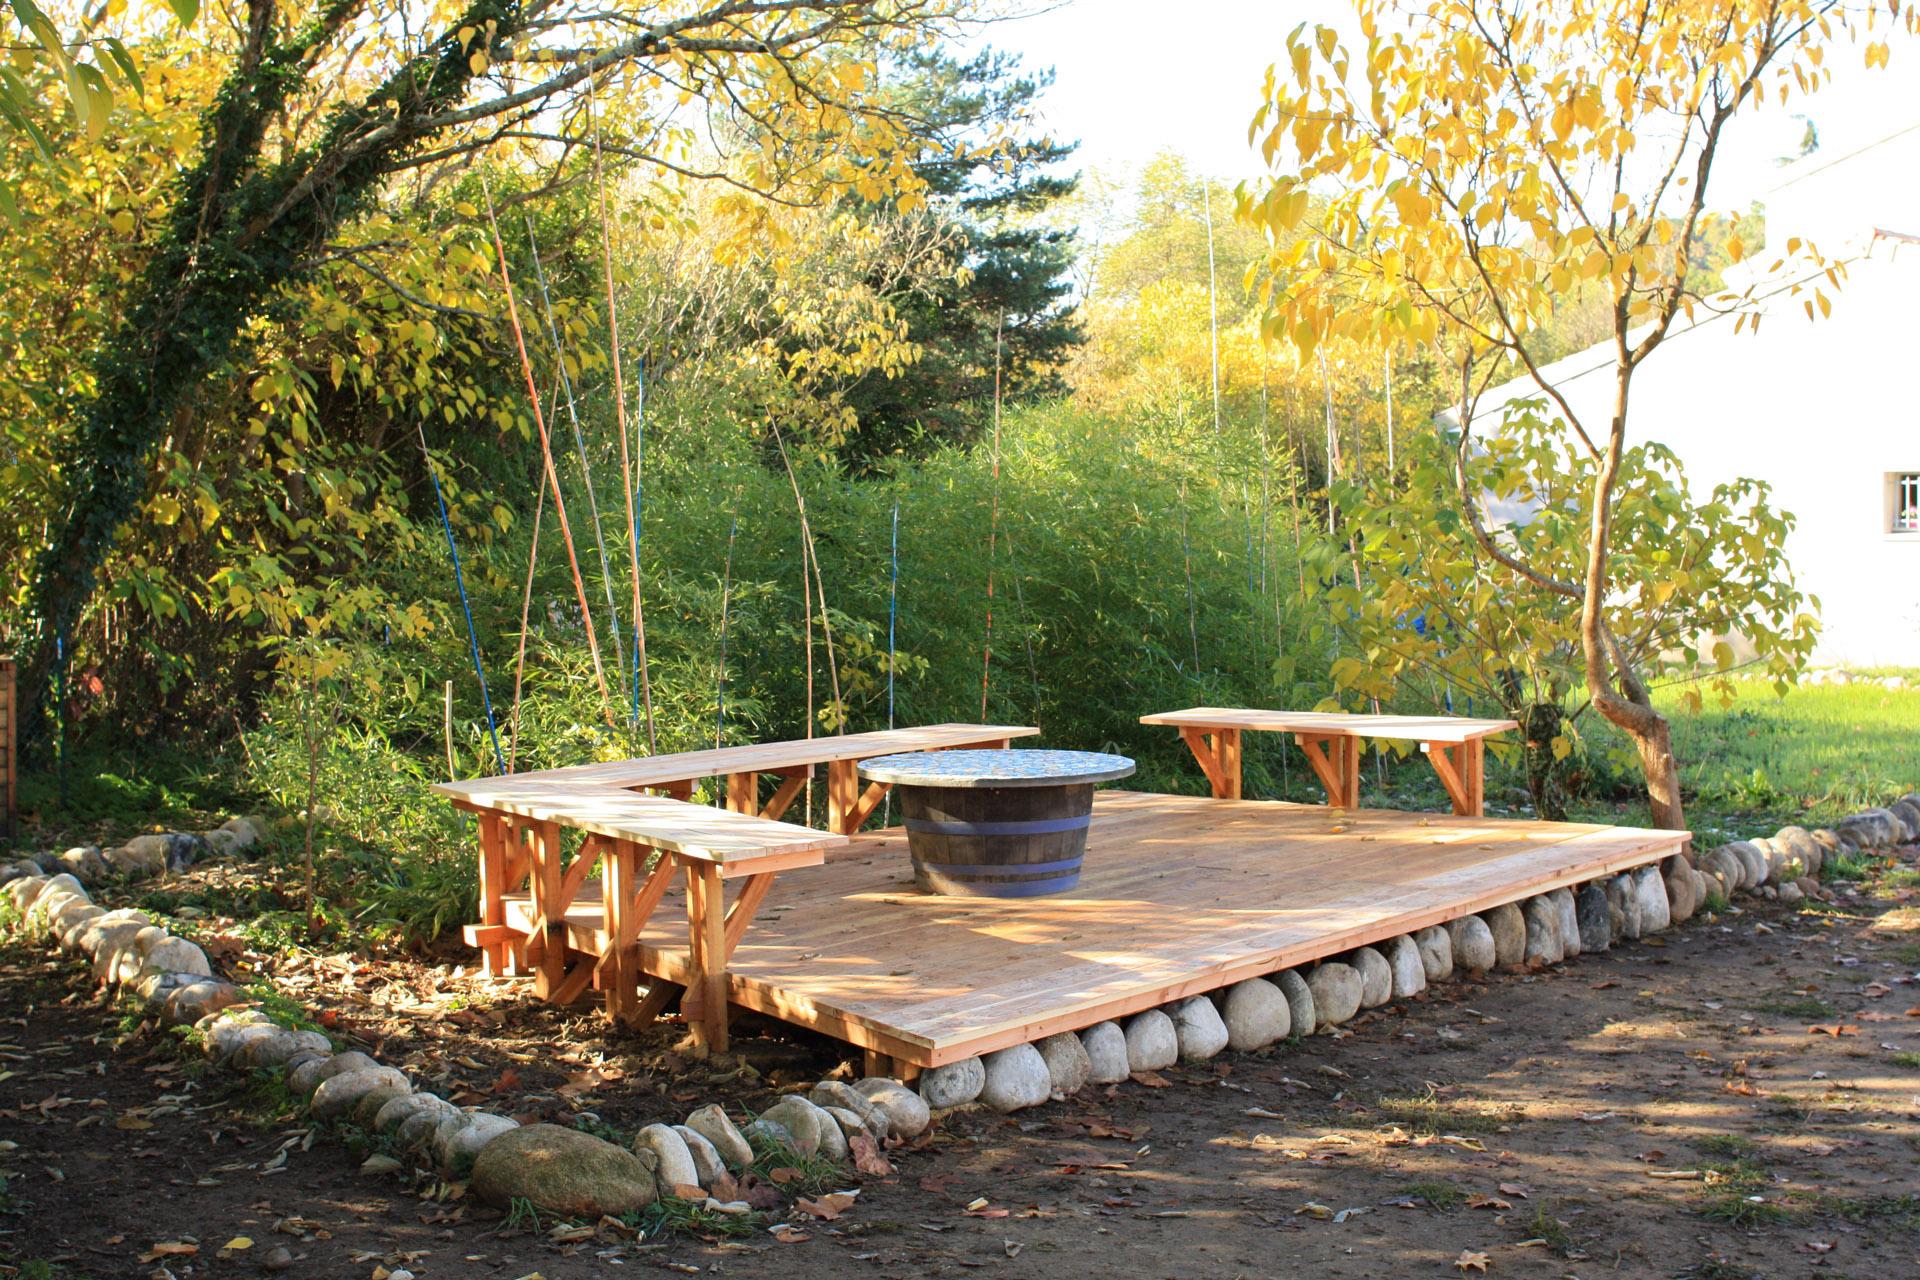 La terrasse dans la bambouseraie en devenir